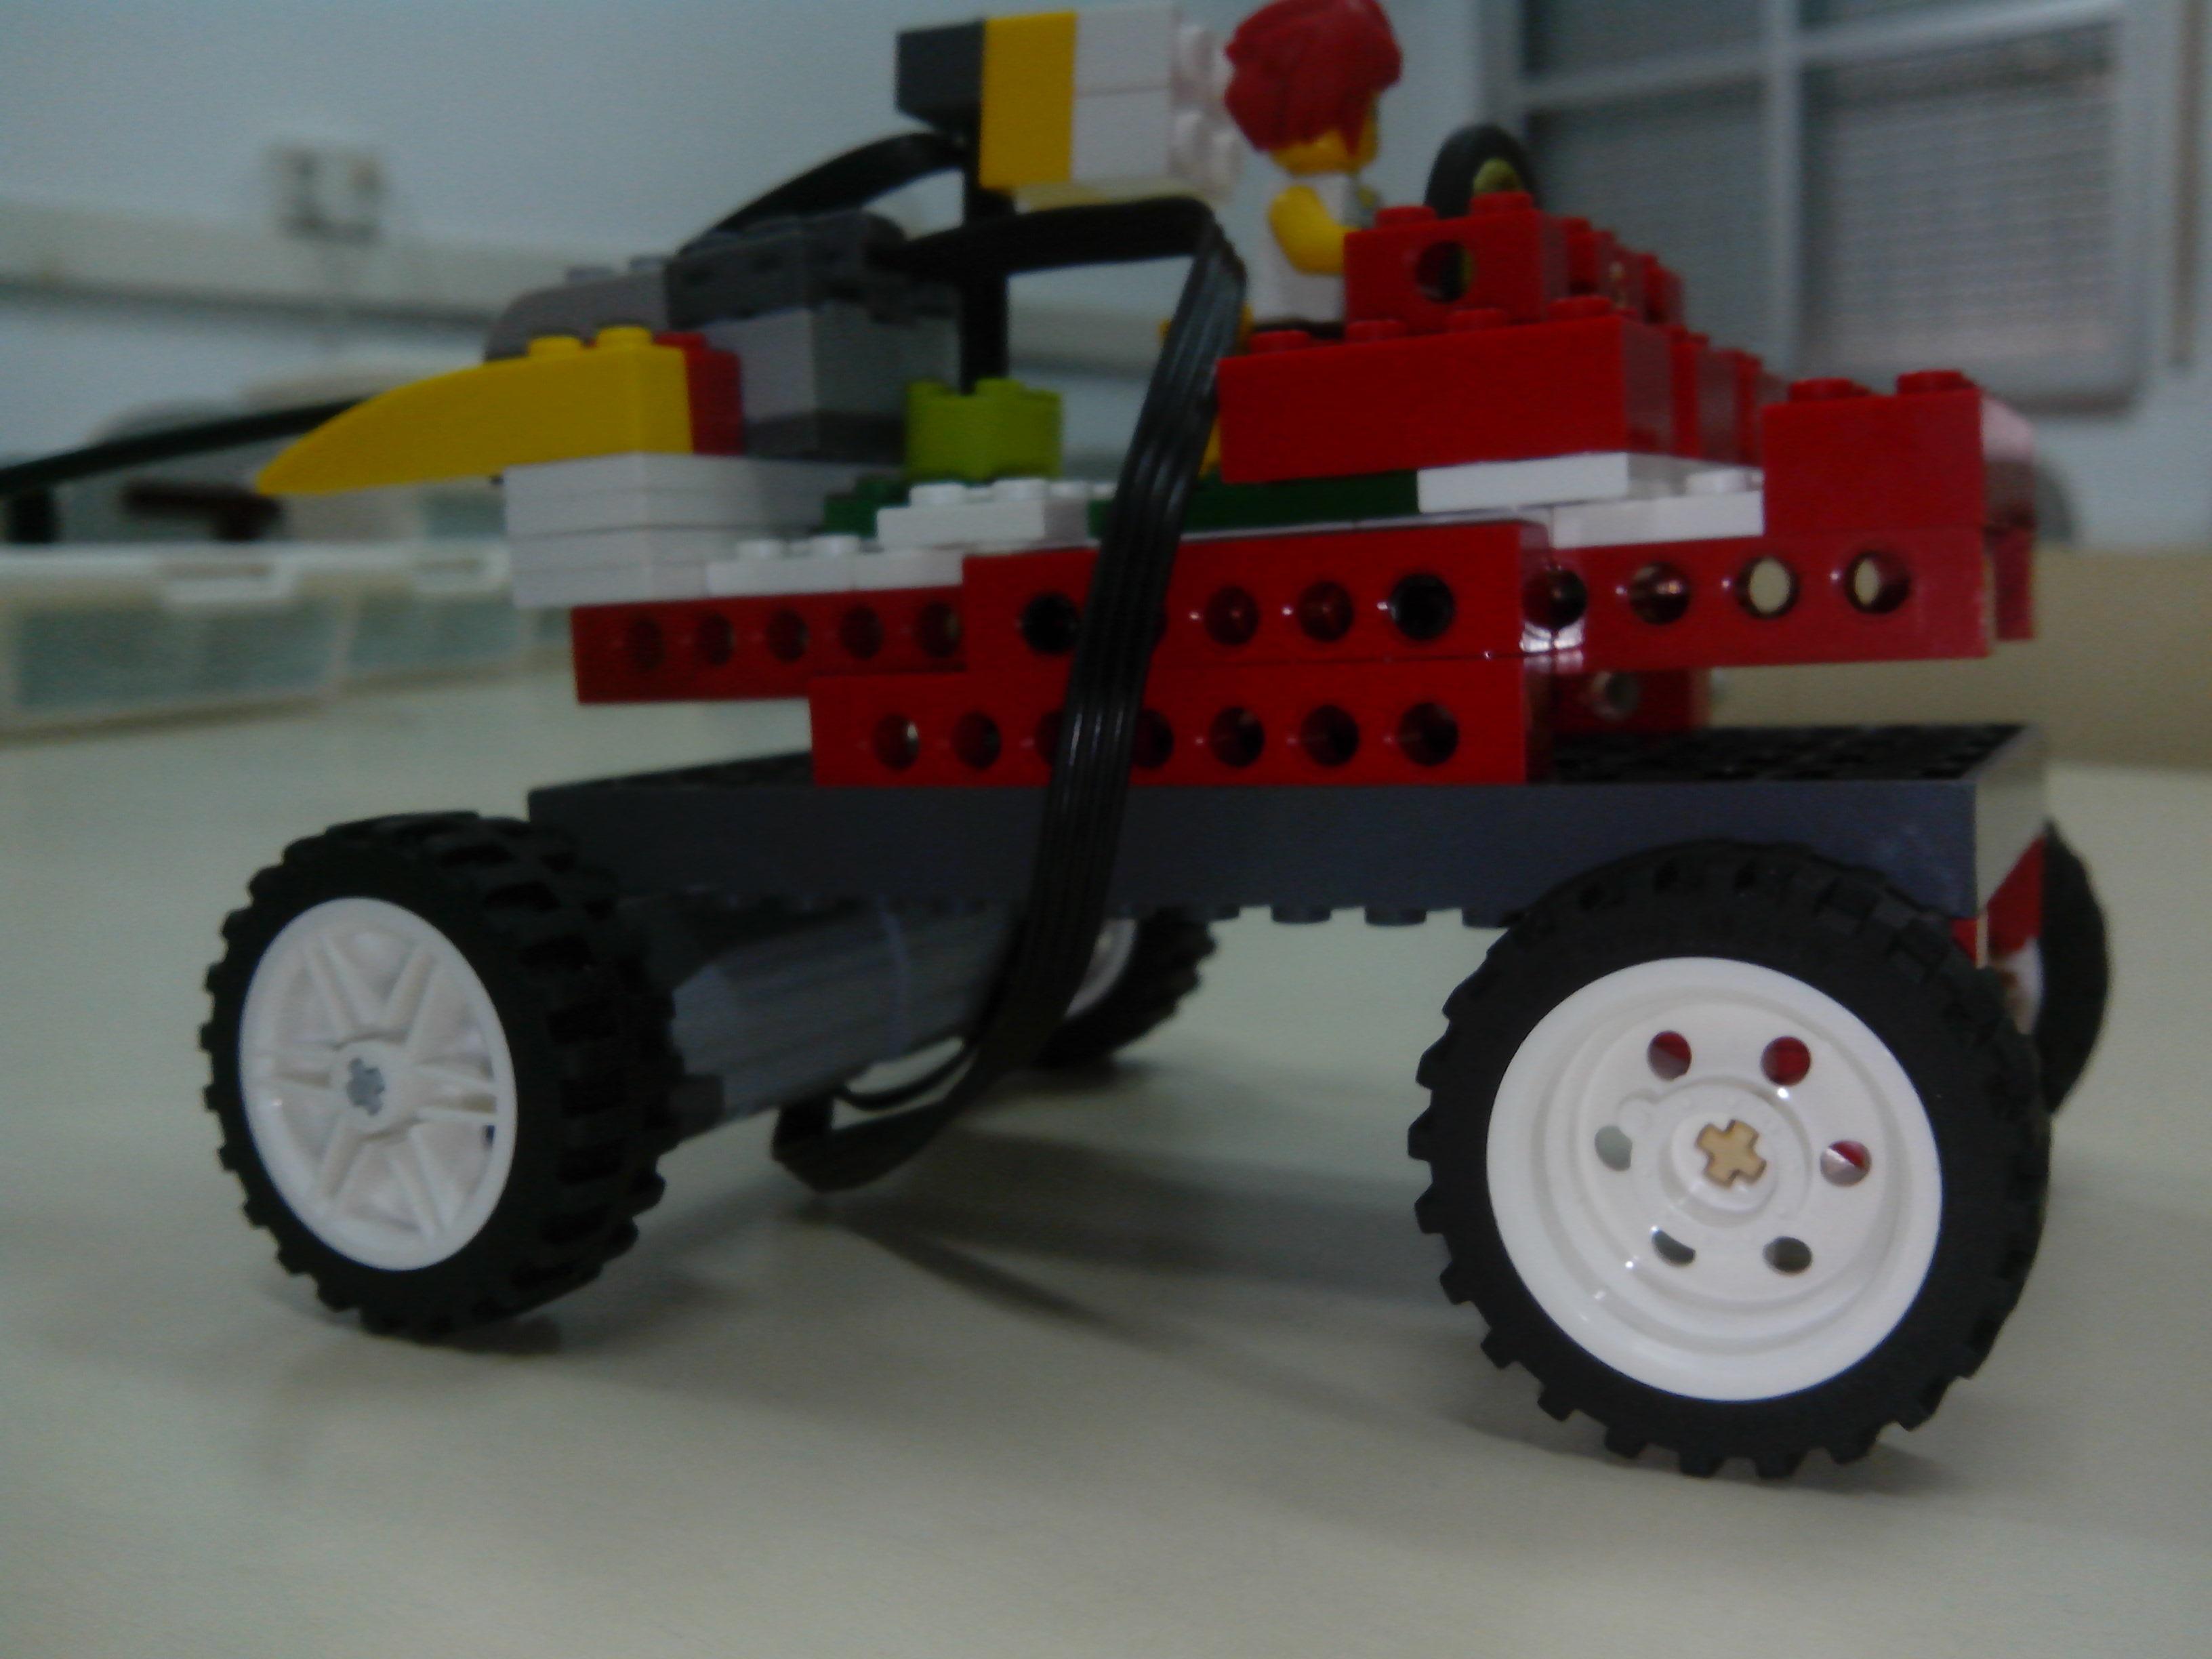 Controlando 2 motores Lego WeDo con scratch 1.4